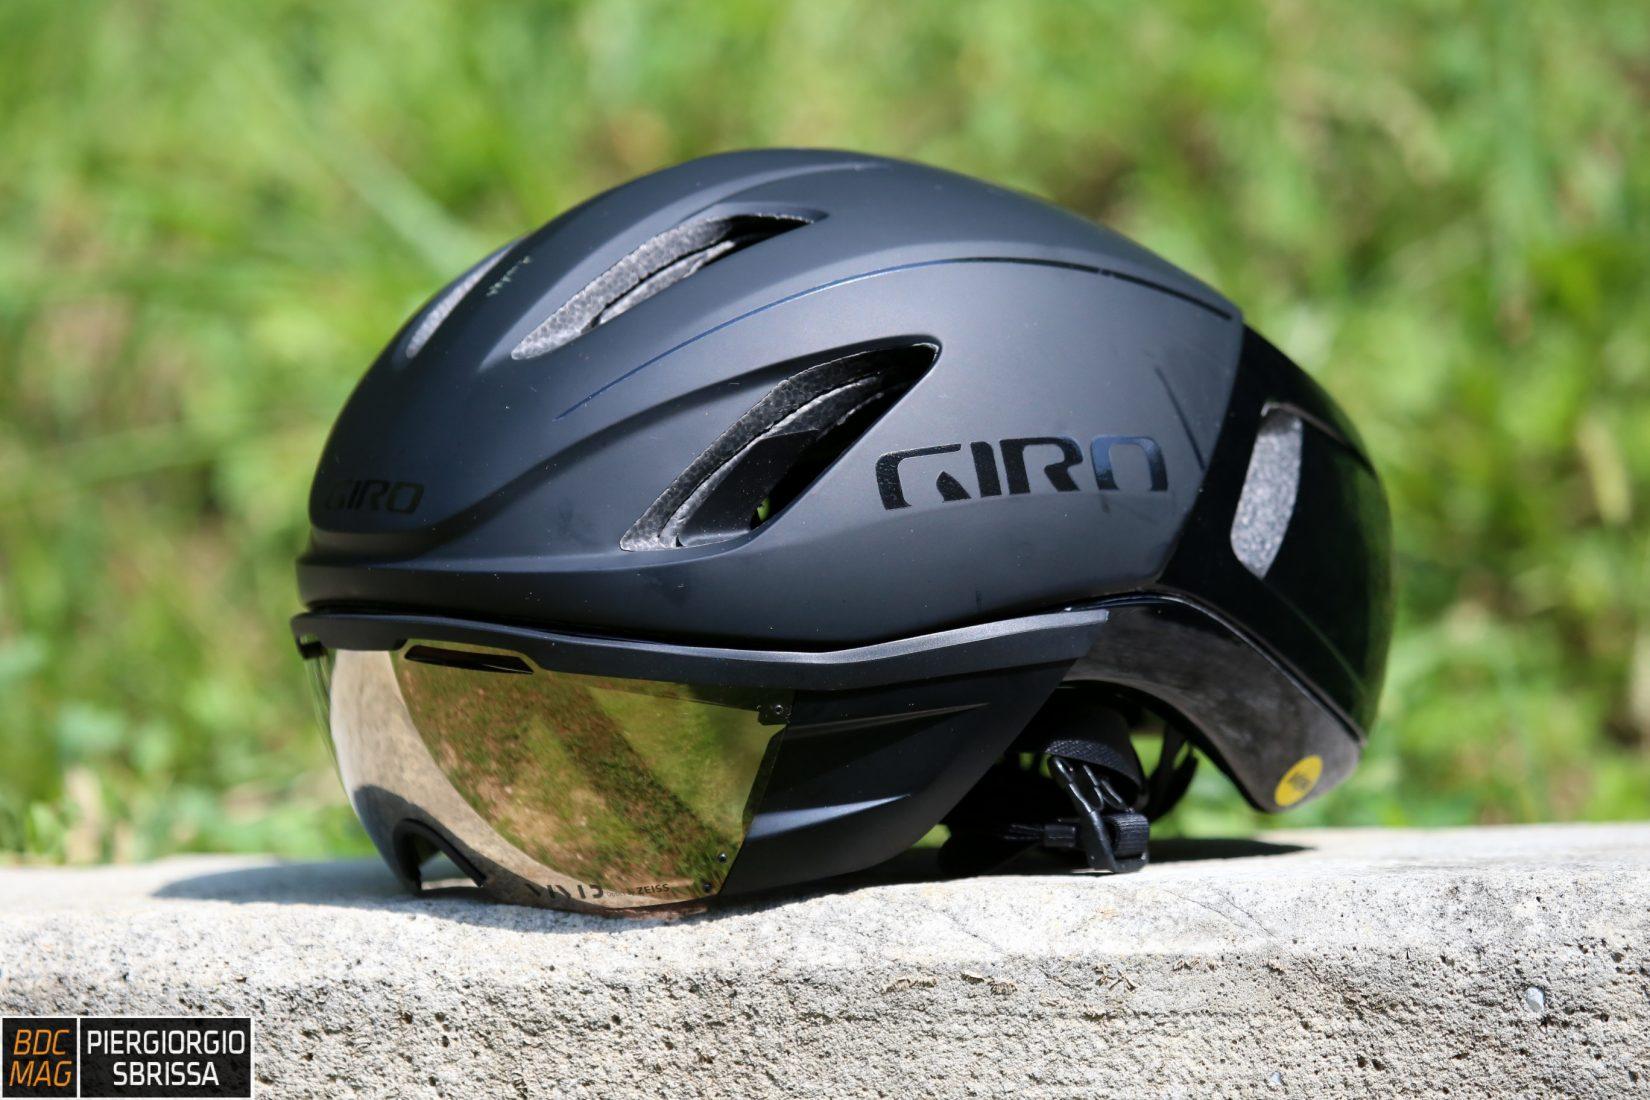 [Test] Casco GIRO Vanquish MIPS